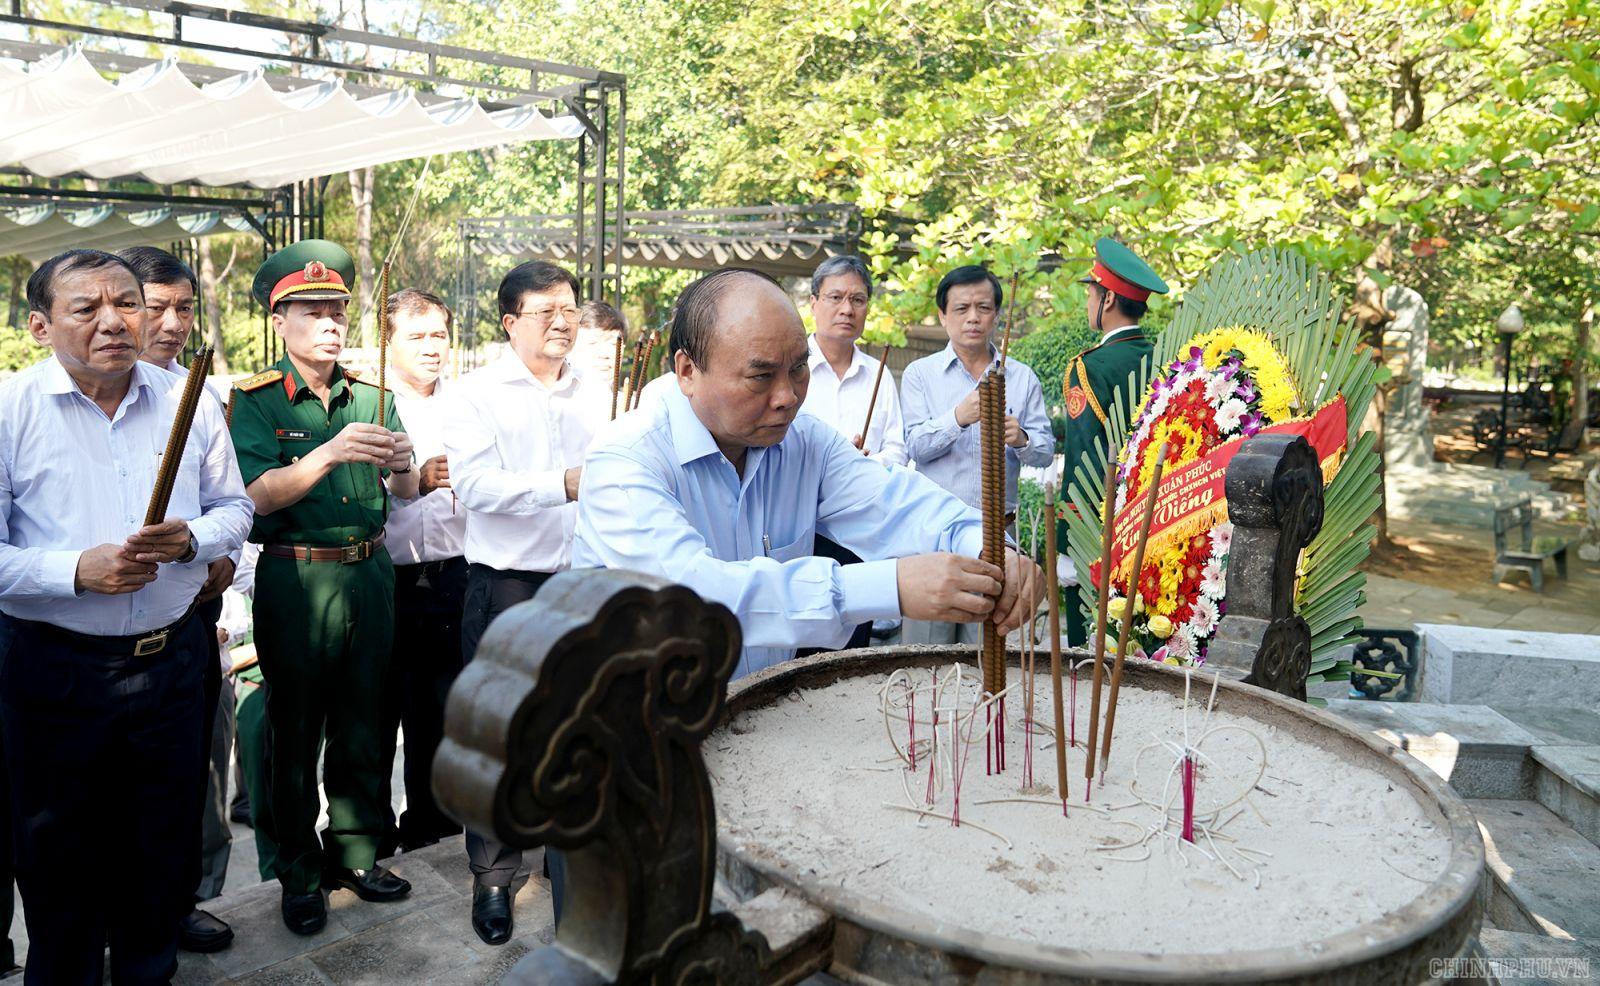 Thủ tướng Nguyễn Xuân Phúc, Phó Thủ tướng Trịnh Đình Dũng dâng hương tại Nghĩa trang Liệt sĩ quốc gia Trường Sơn -  Ảnh: VGP/Quang Hiếu